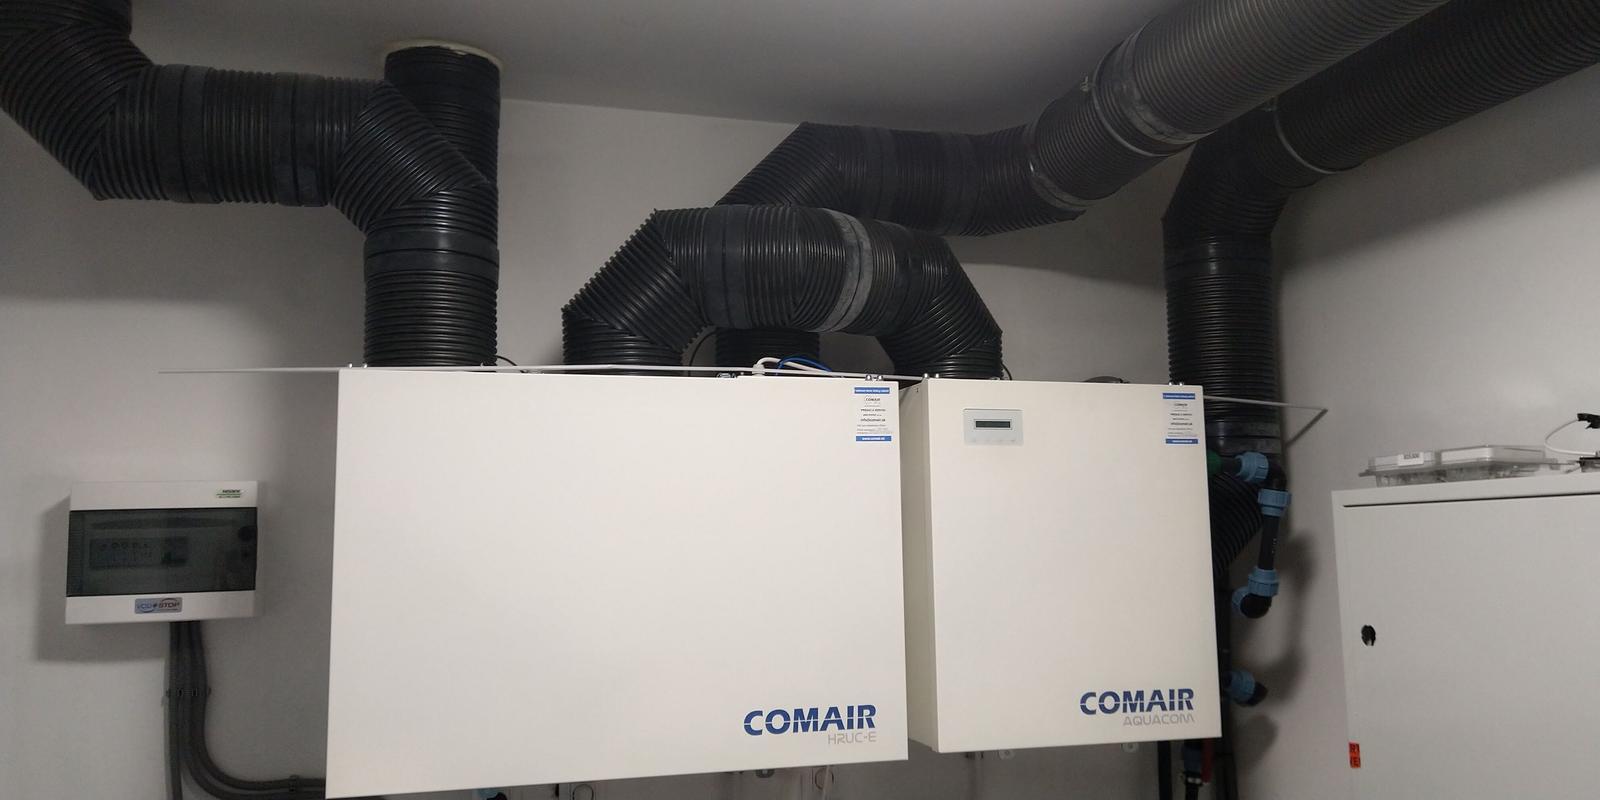 Montáž vetracích rozvodov pre rekuperáciu - COMAIR HRUC-E, COMAIR AQUACOM+